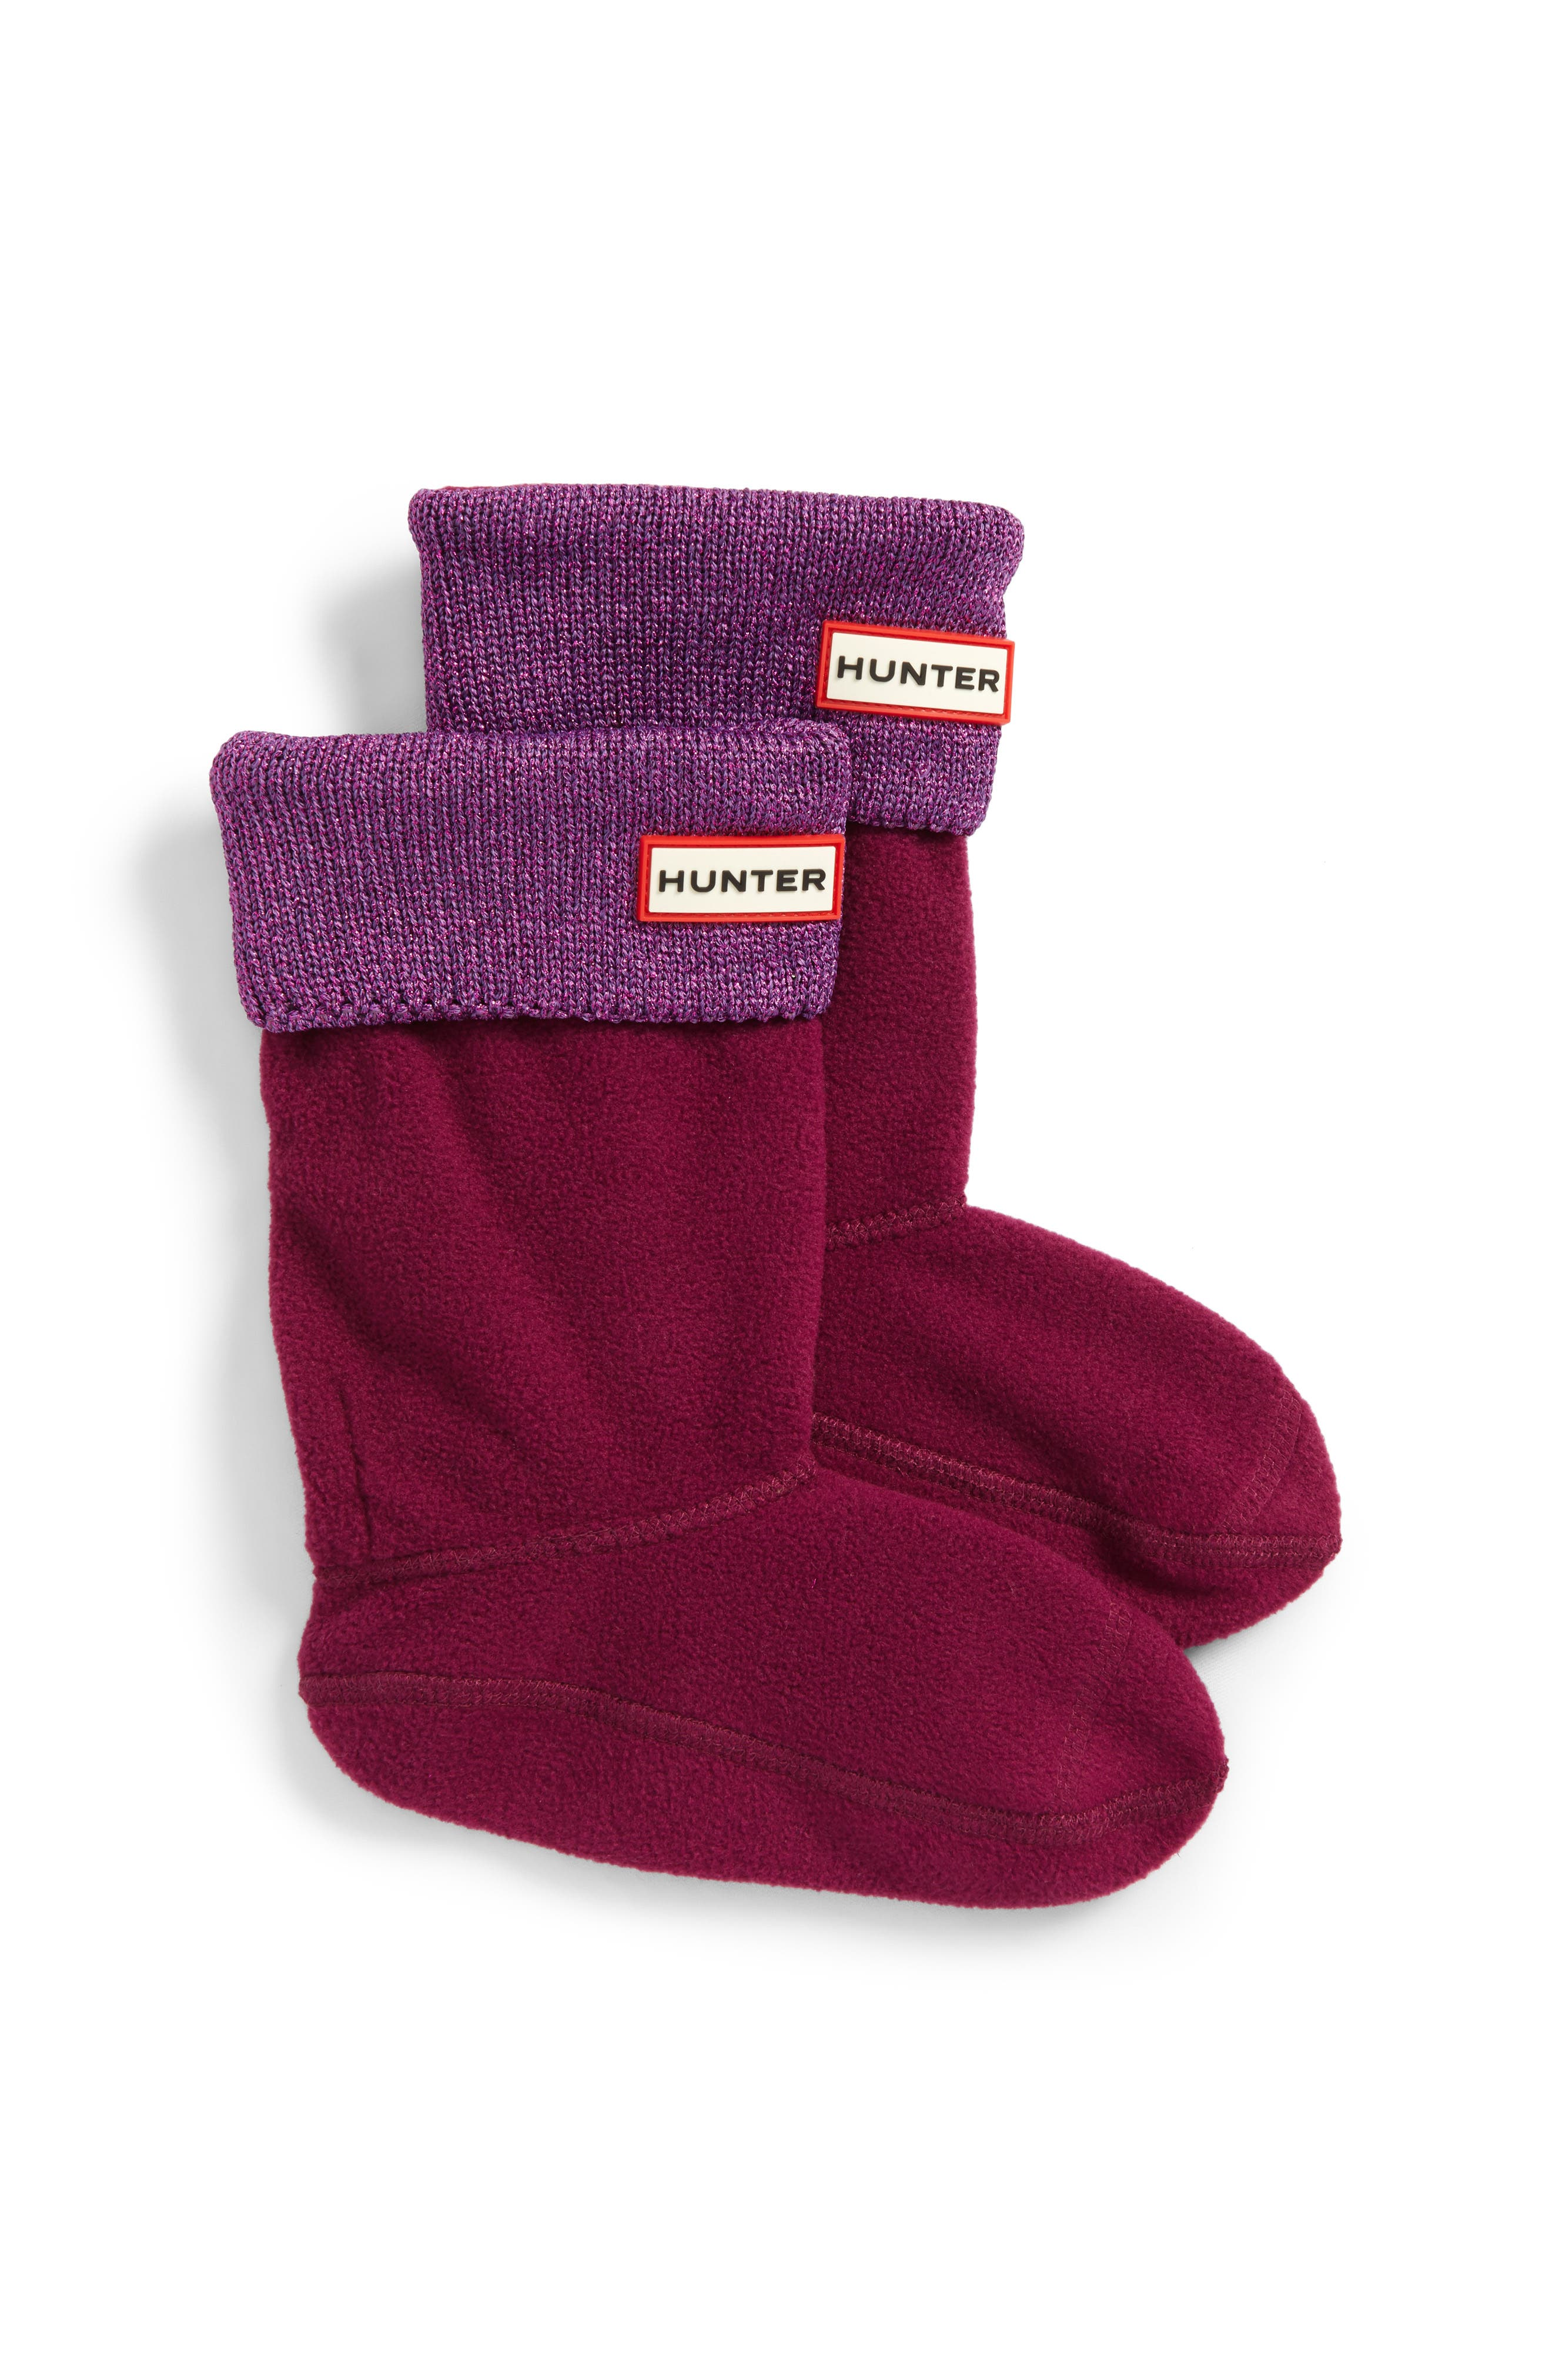 Hunter Metallic Knit Cuff Boot Sock